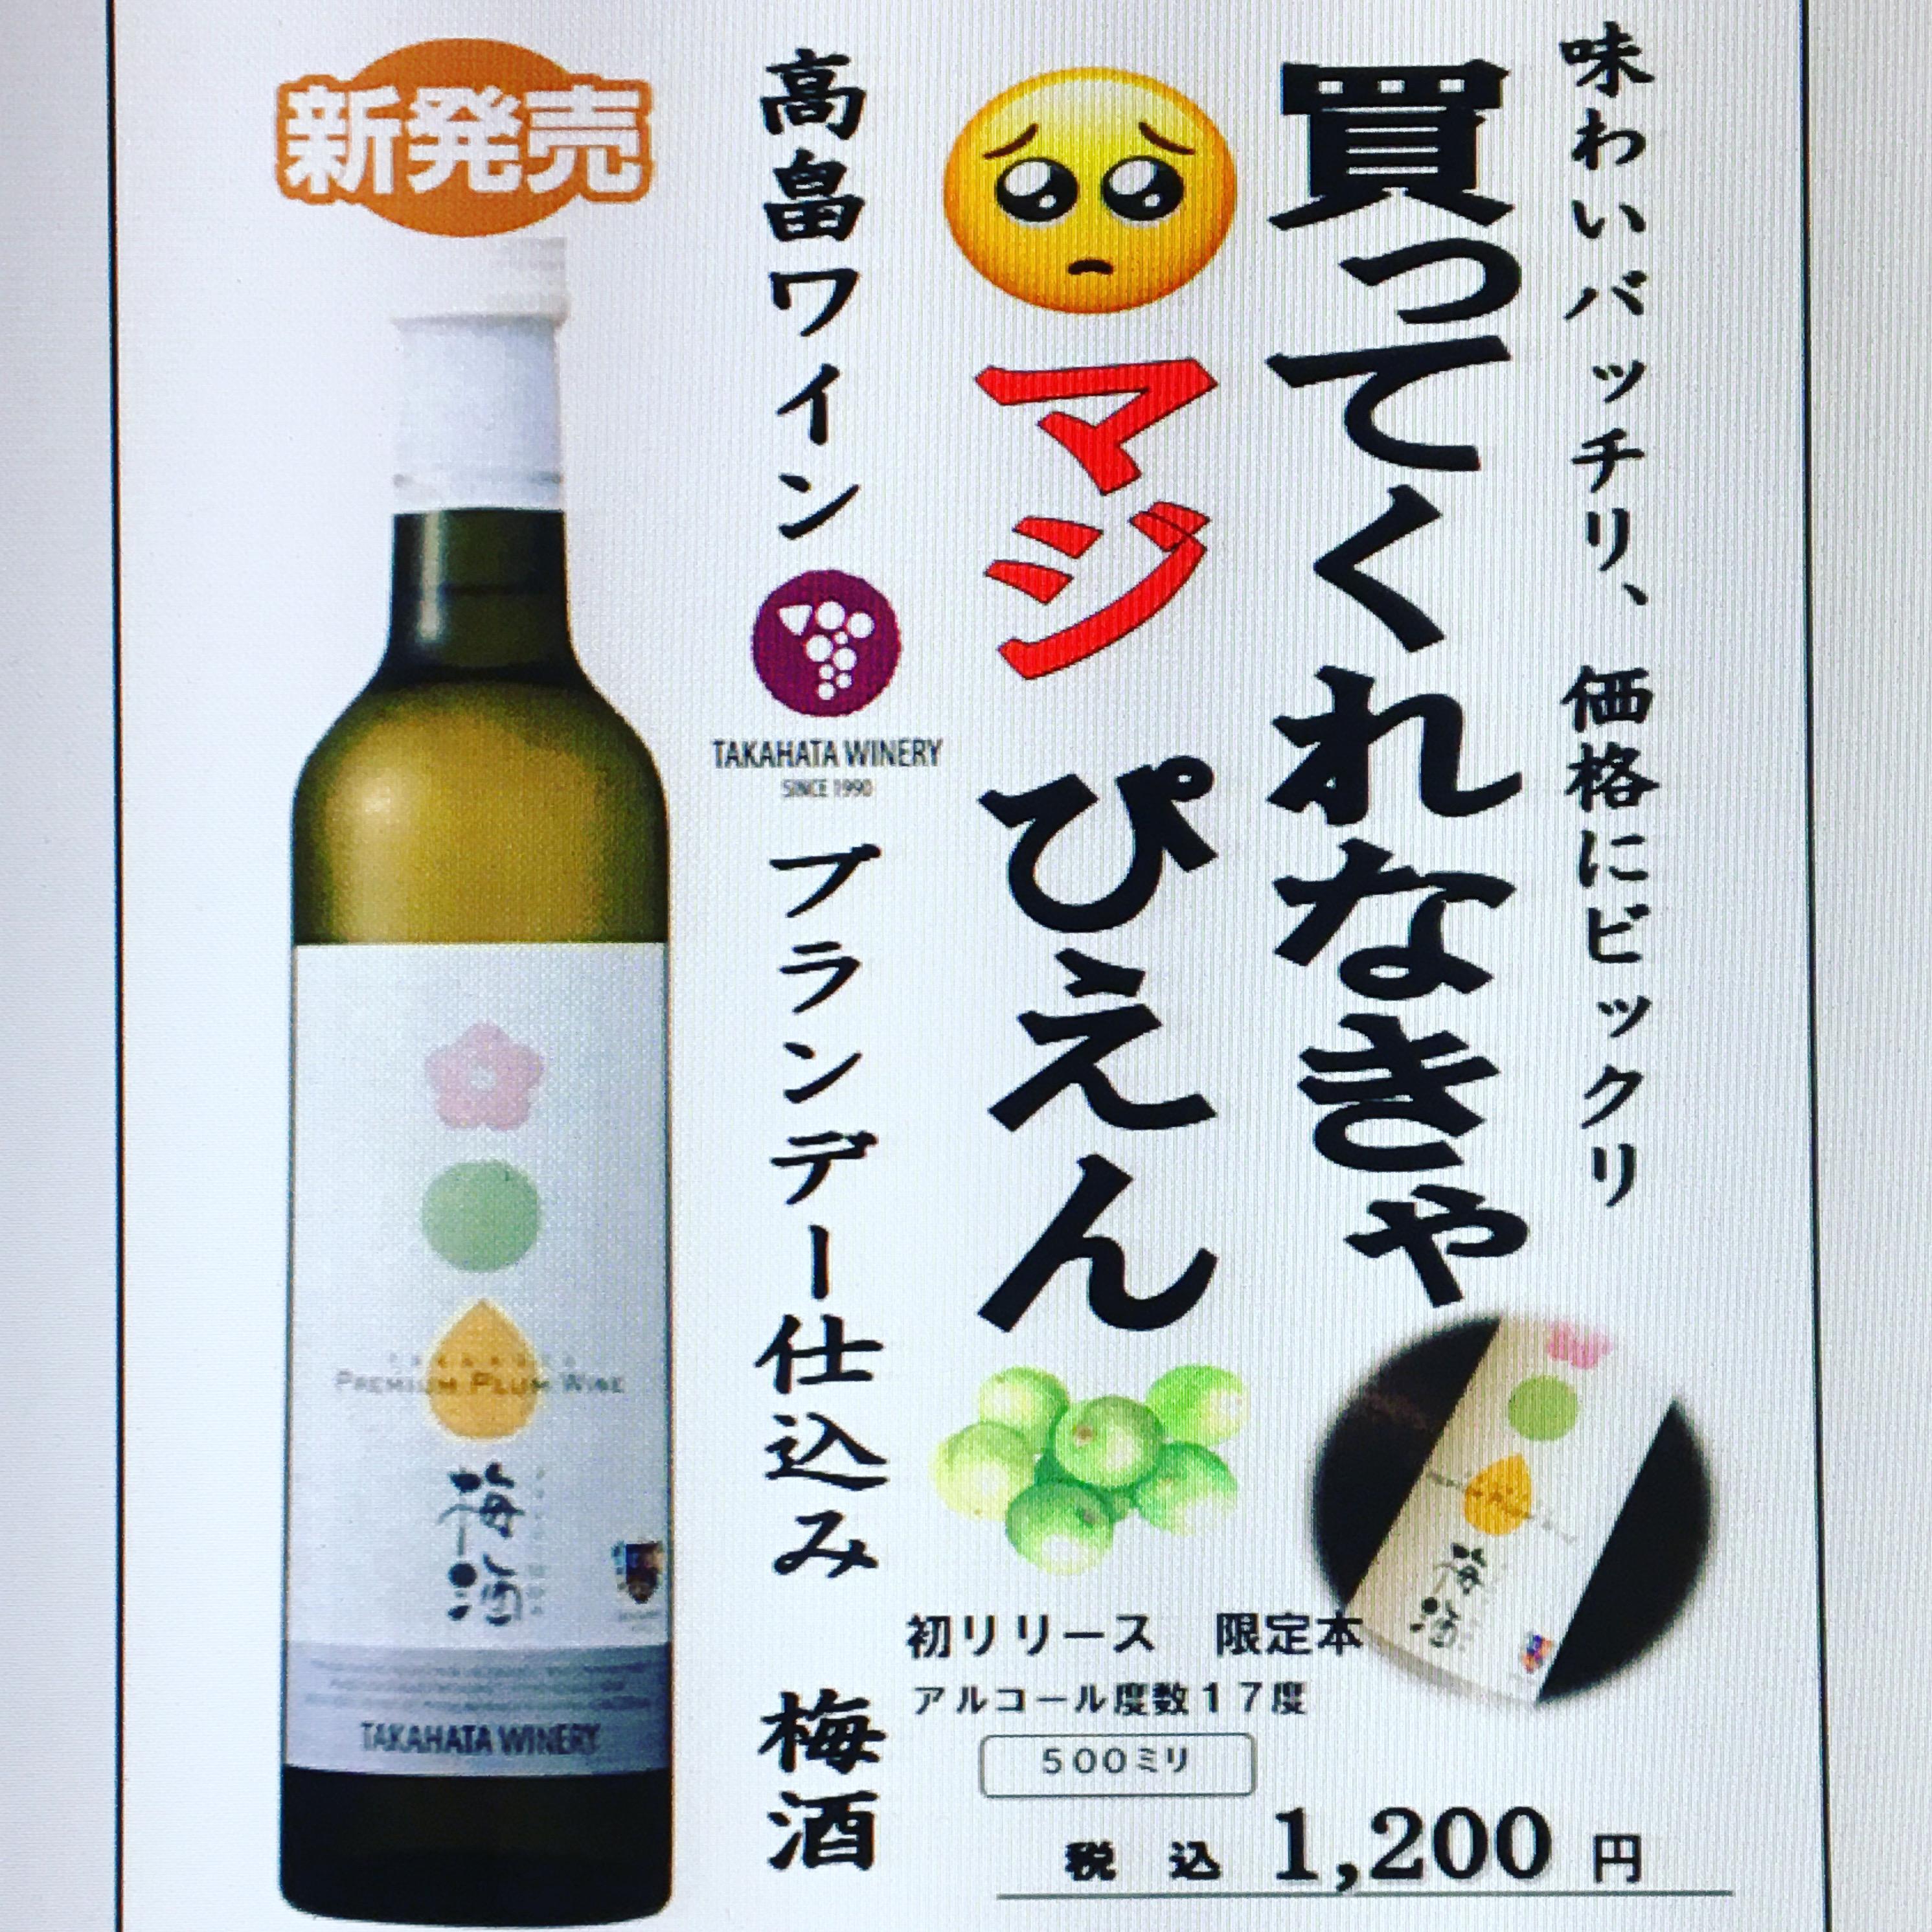 はい!小田部商店です!高畠梅酒 販売開始PR開始です!